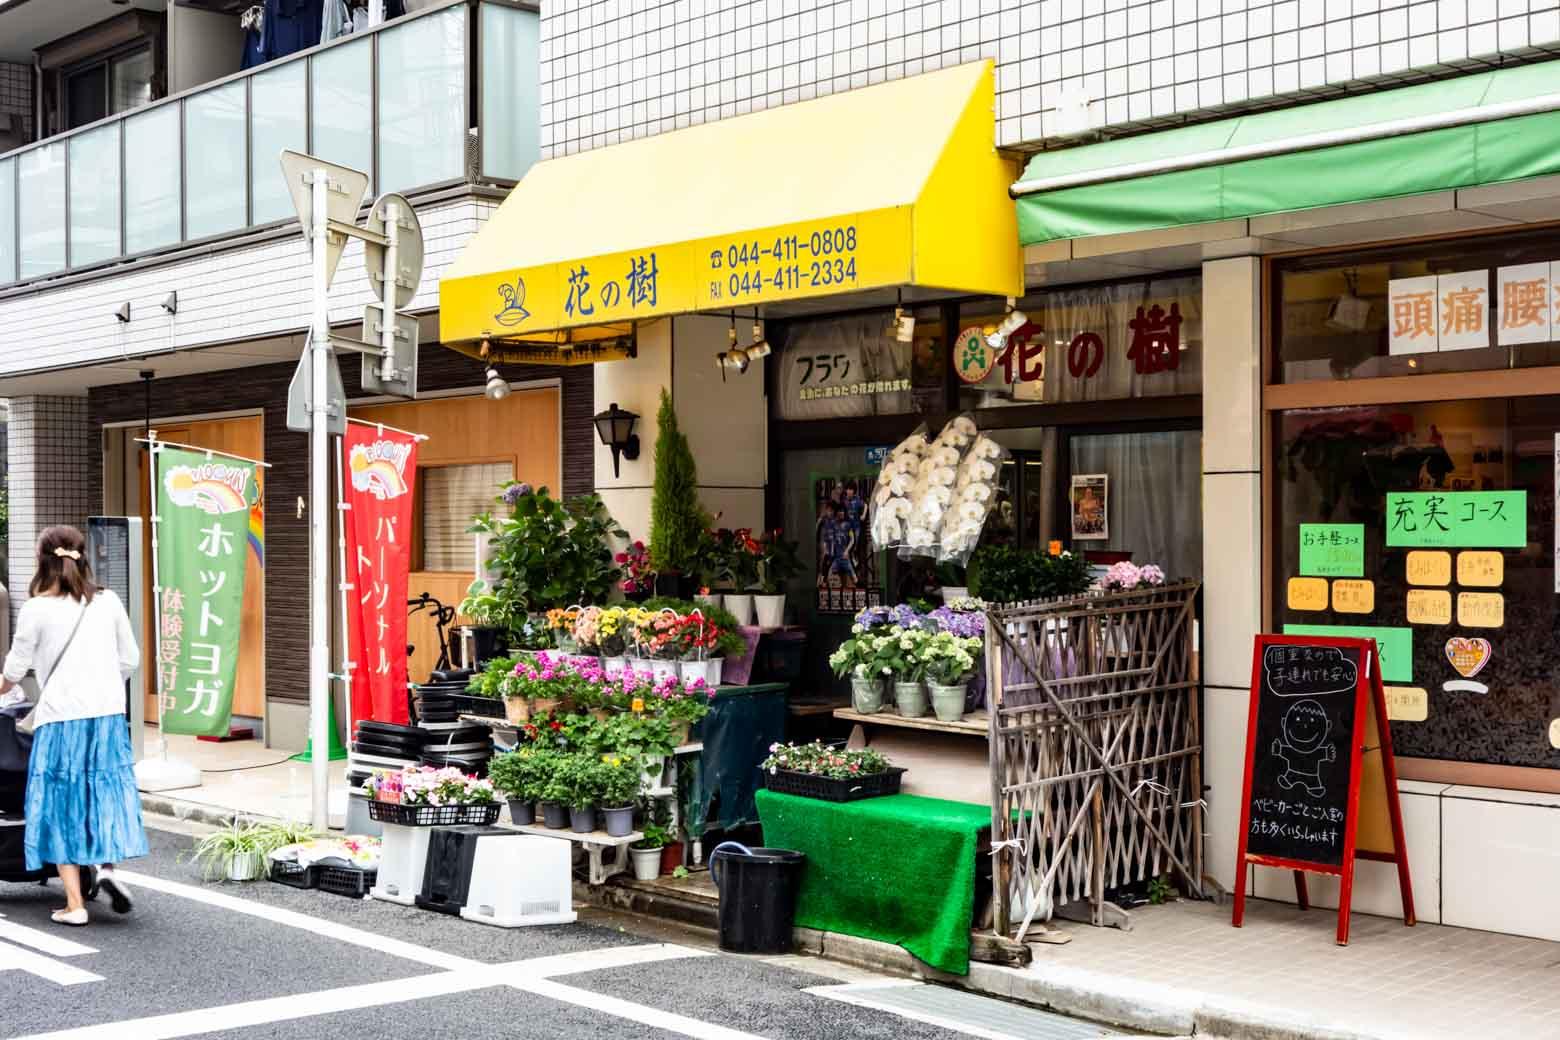 レトロな生花店を発見。店員さんと会話を楽しみながらお買い物できそうです。